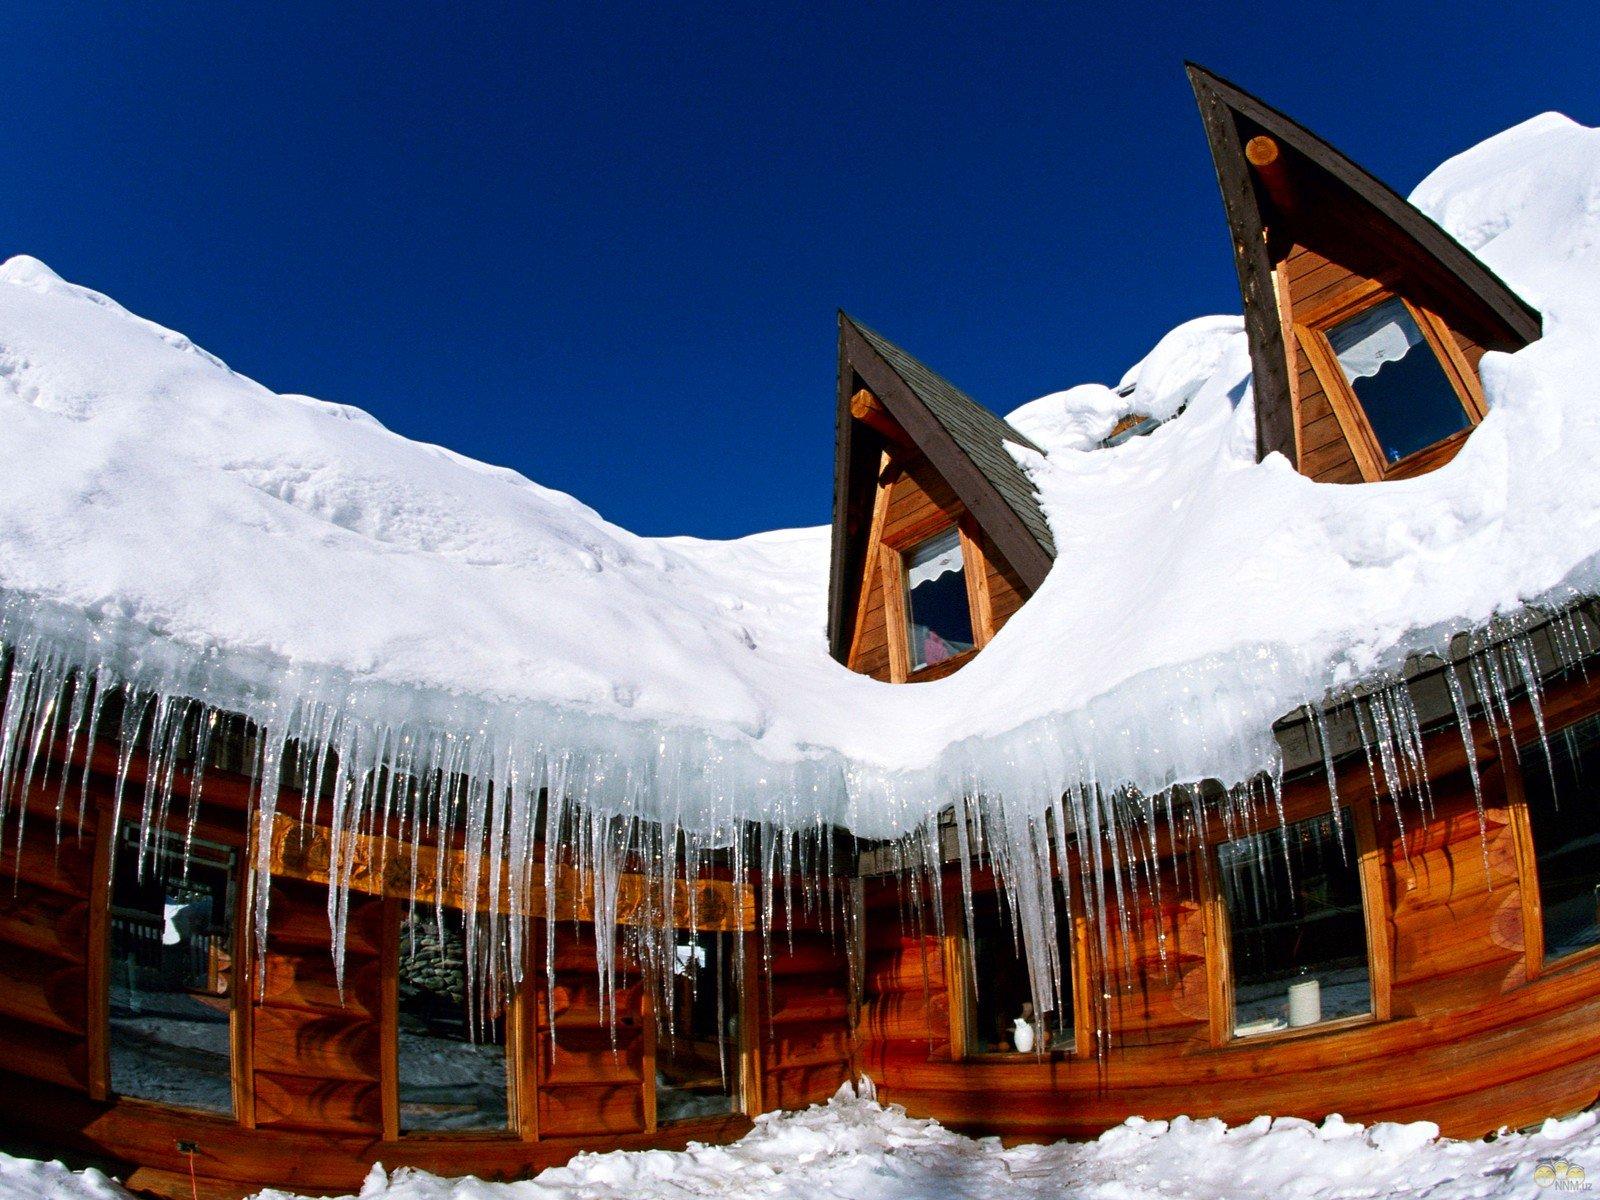 светка снег на крыше дома картинки предложила ему, познакомиться